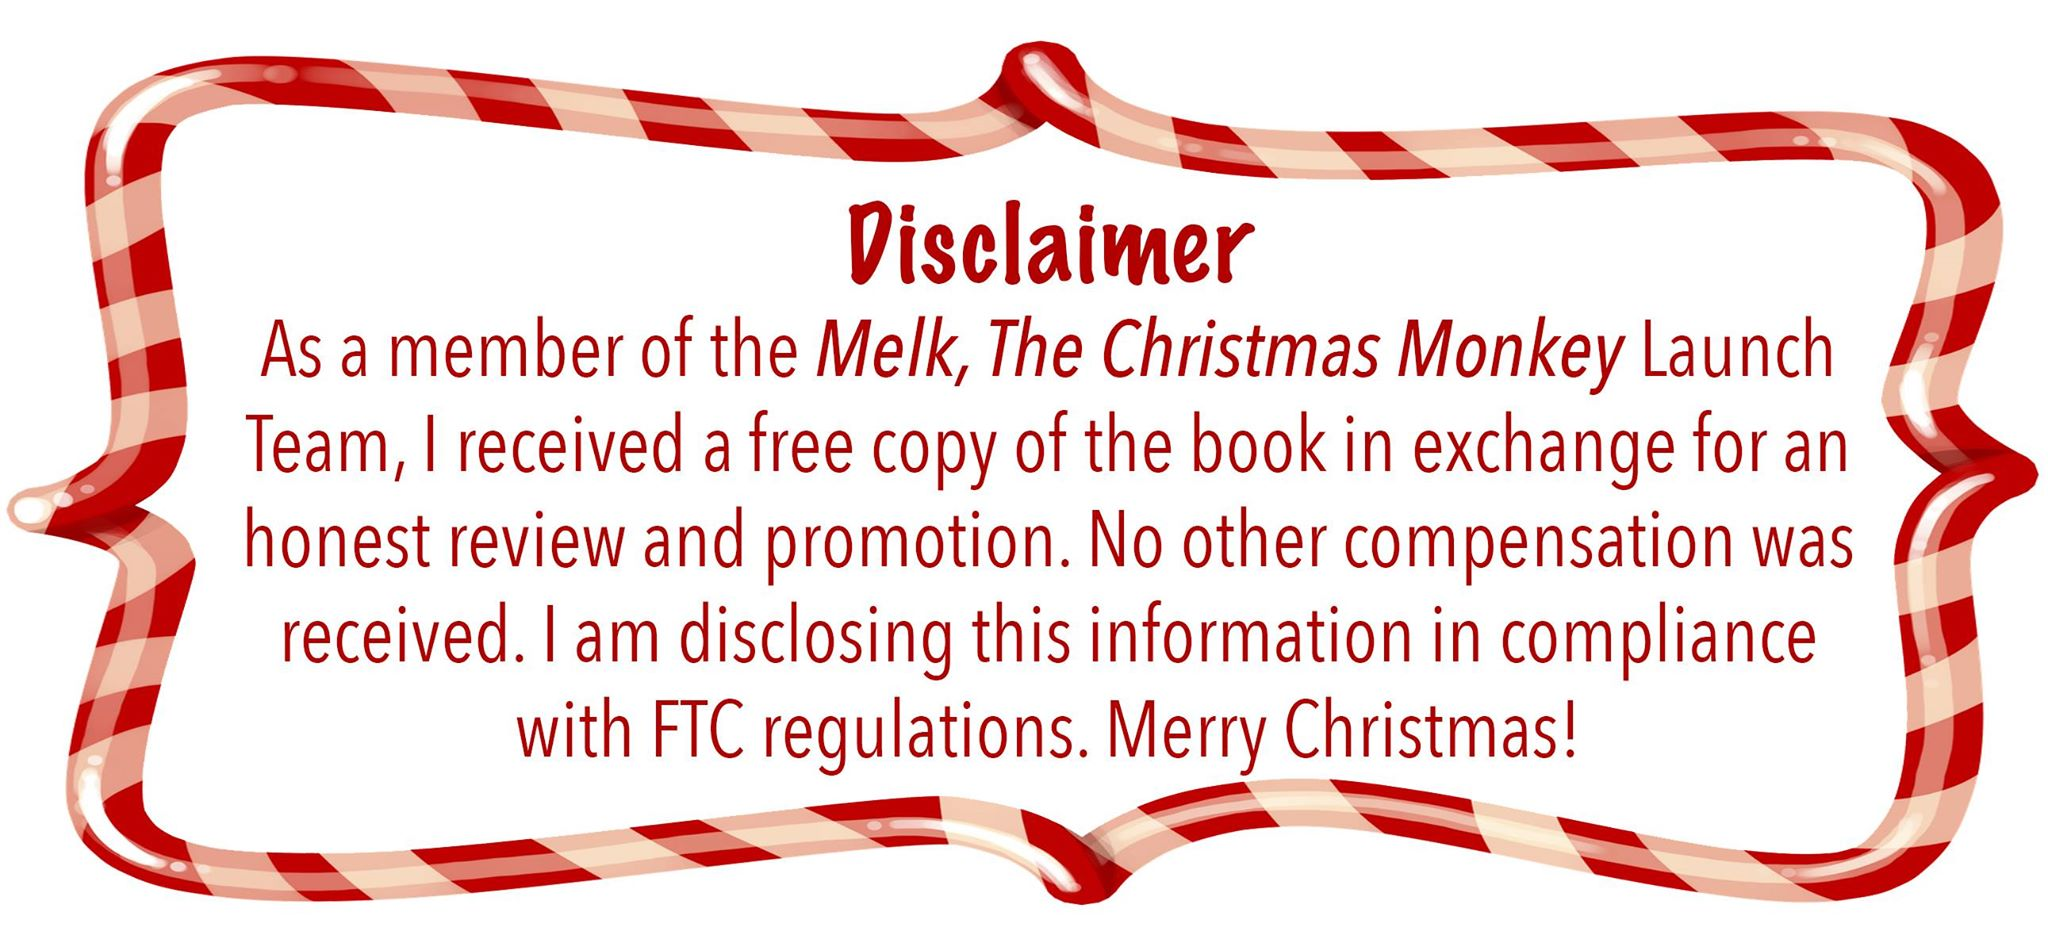 Melk Disclaimer